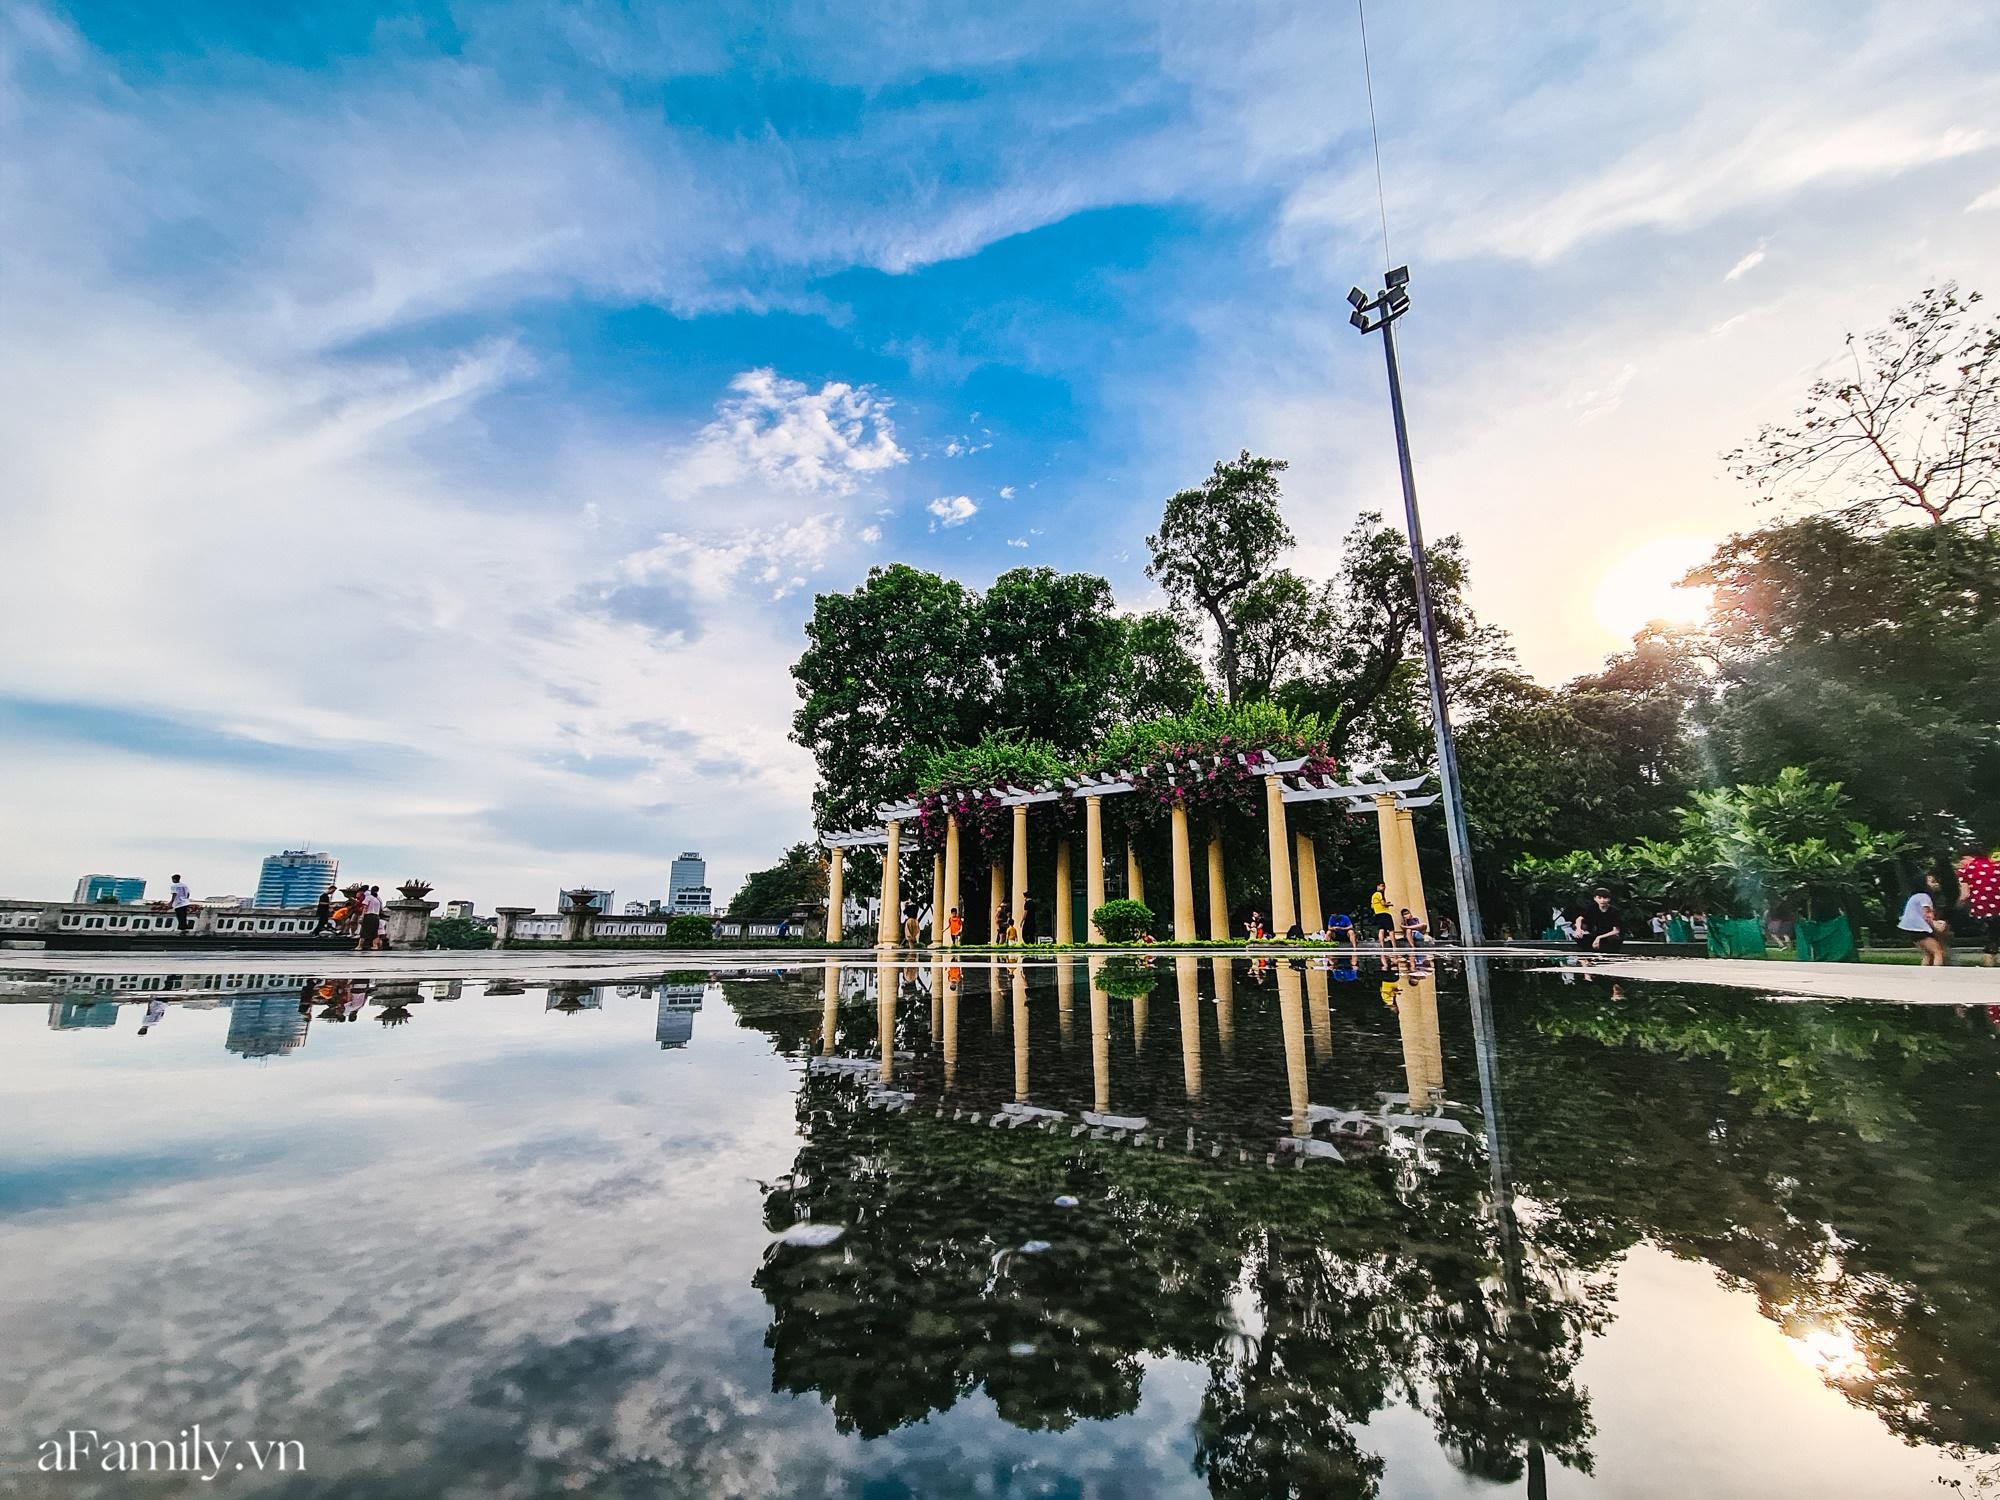 4000 đồng cho tour du lịch hè độc đáo ngay giữa thủ đô ở một công viên lâu đời vừa có đảo, vừa có rừng cây xanh, hồ cá trong lành - Ảnh 33.